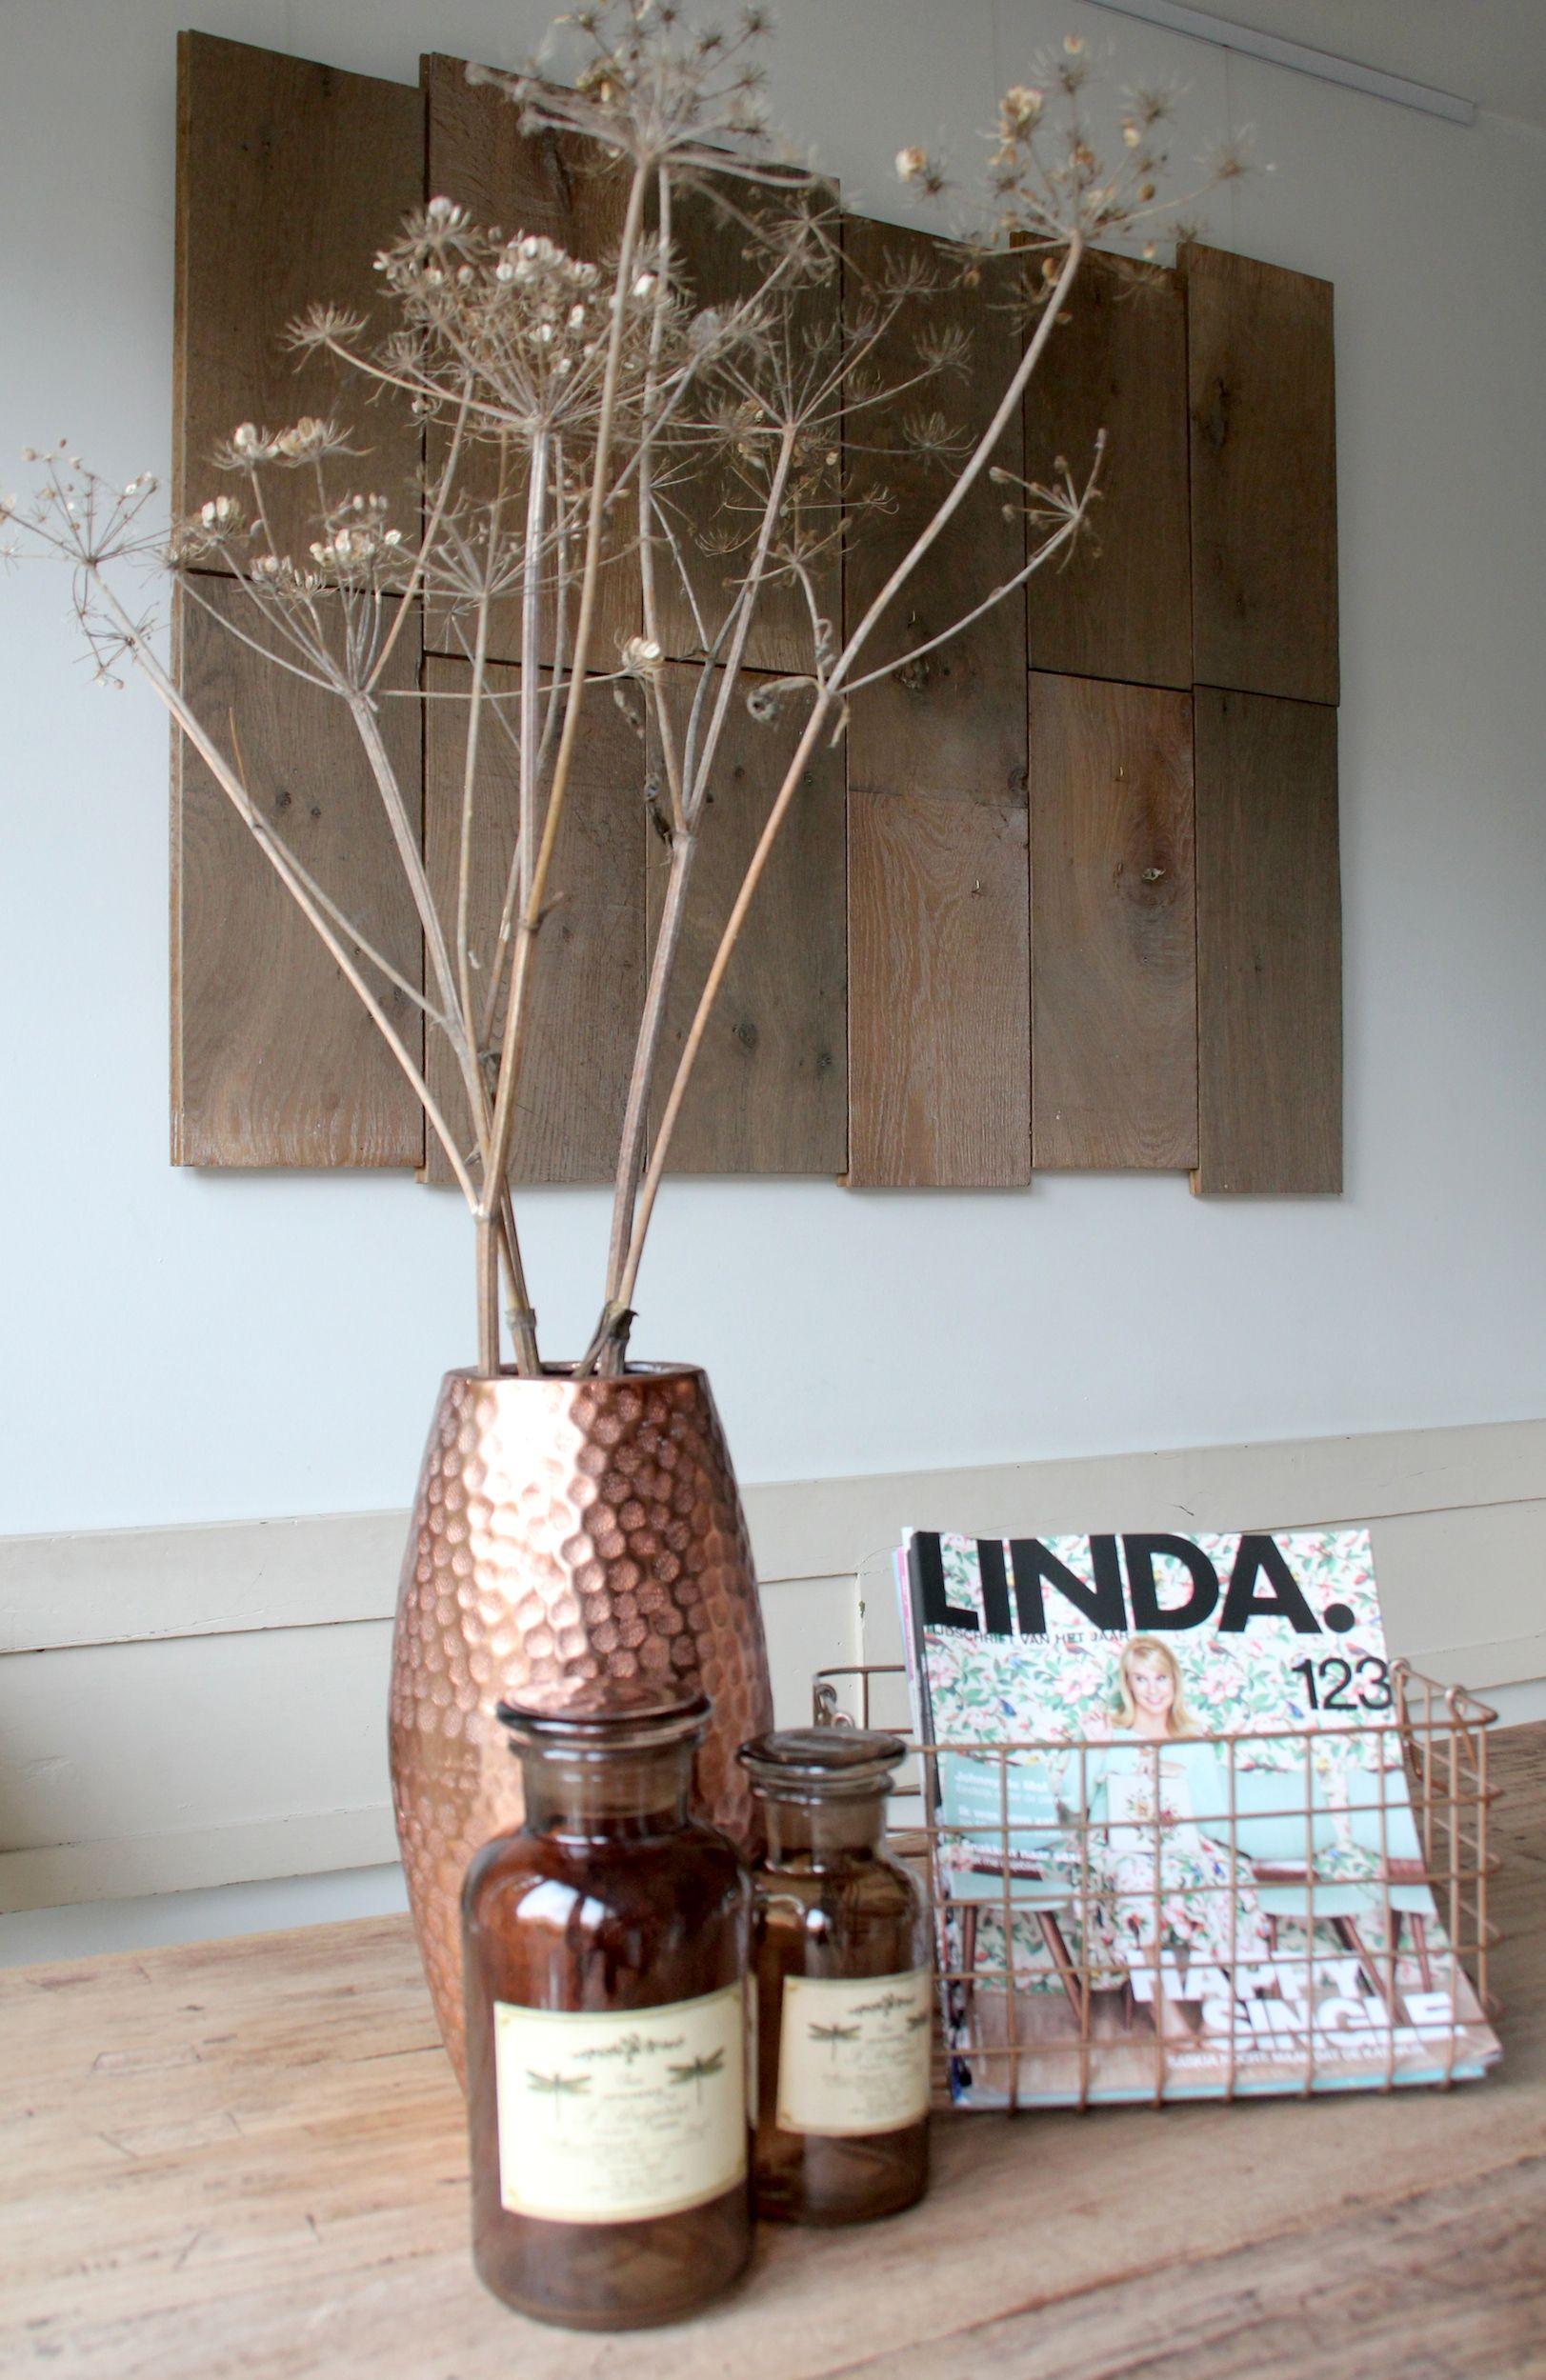 Leen Bakker Badkamer.Leen Bakker Wooninspiratie Products I Love Decoratie Thuis